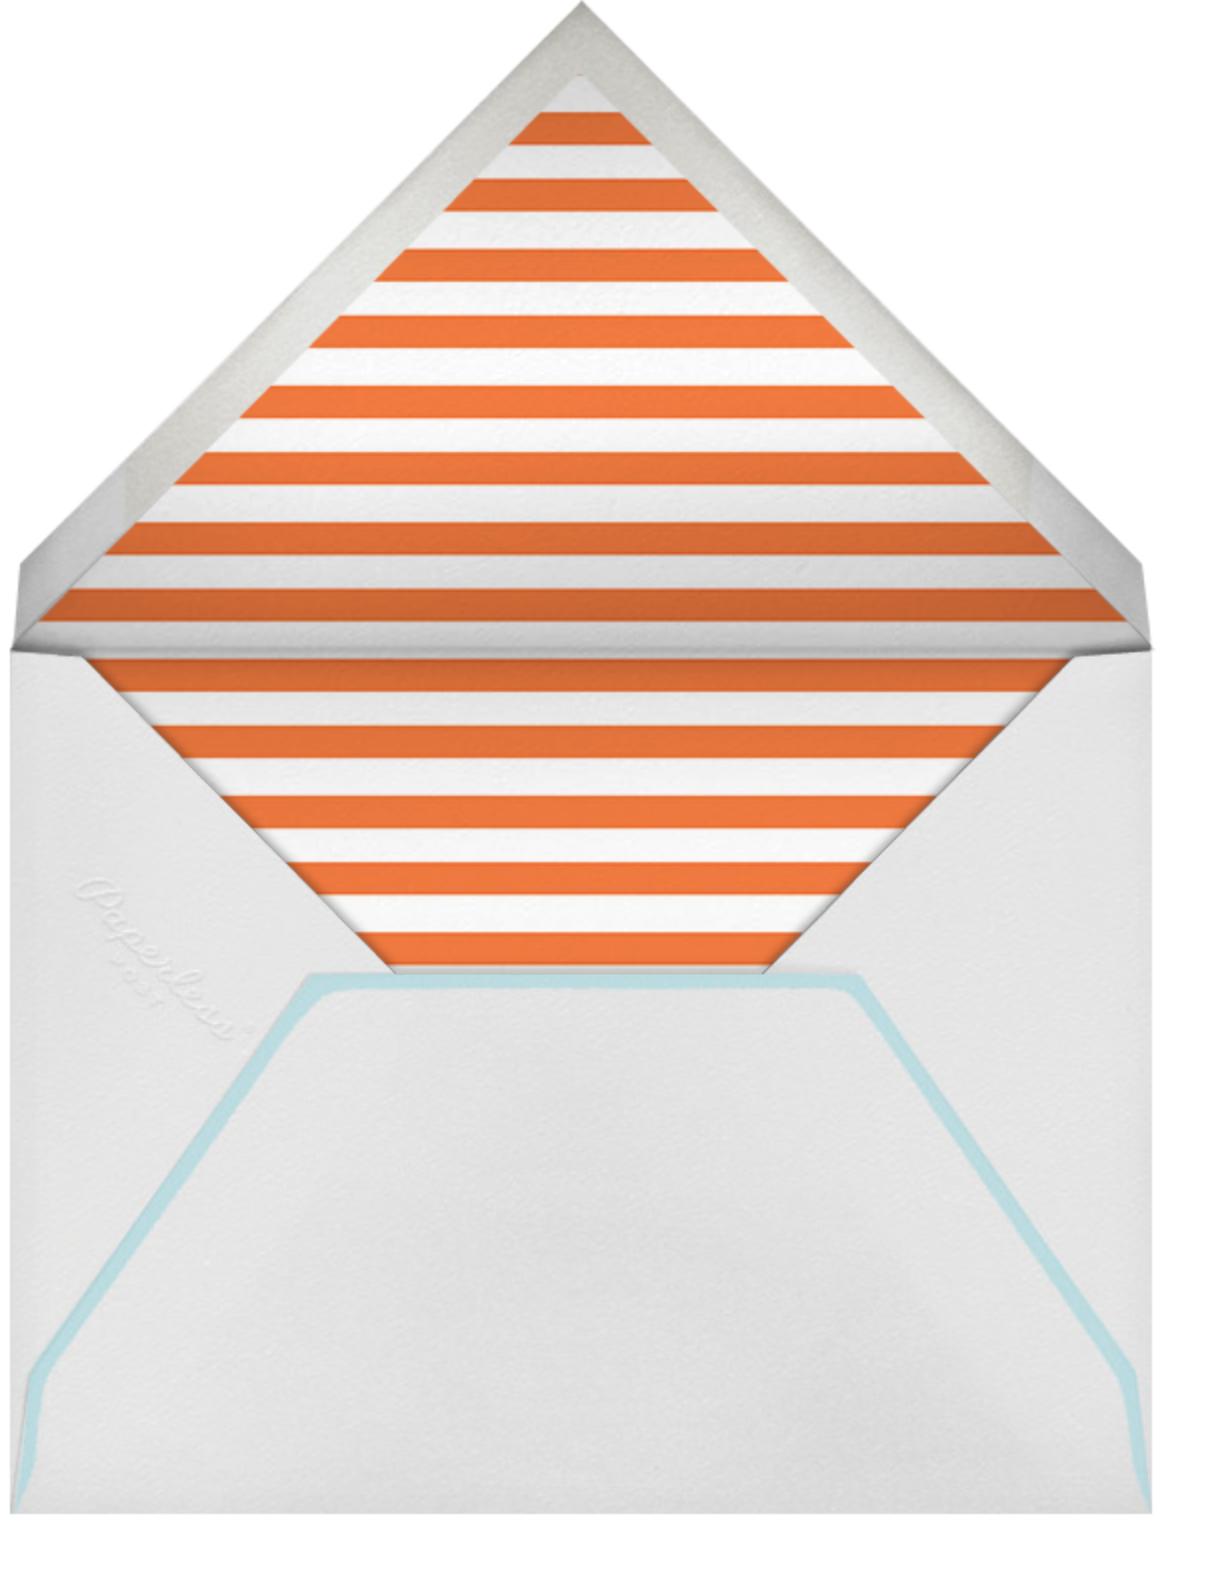 Heart - Blue Orange - The Indigo Bunting - Engagement party - envelope back